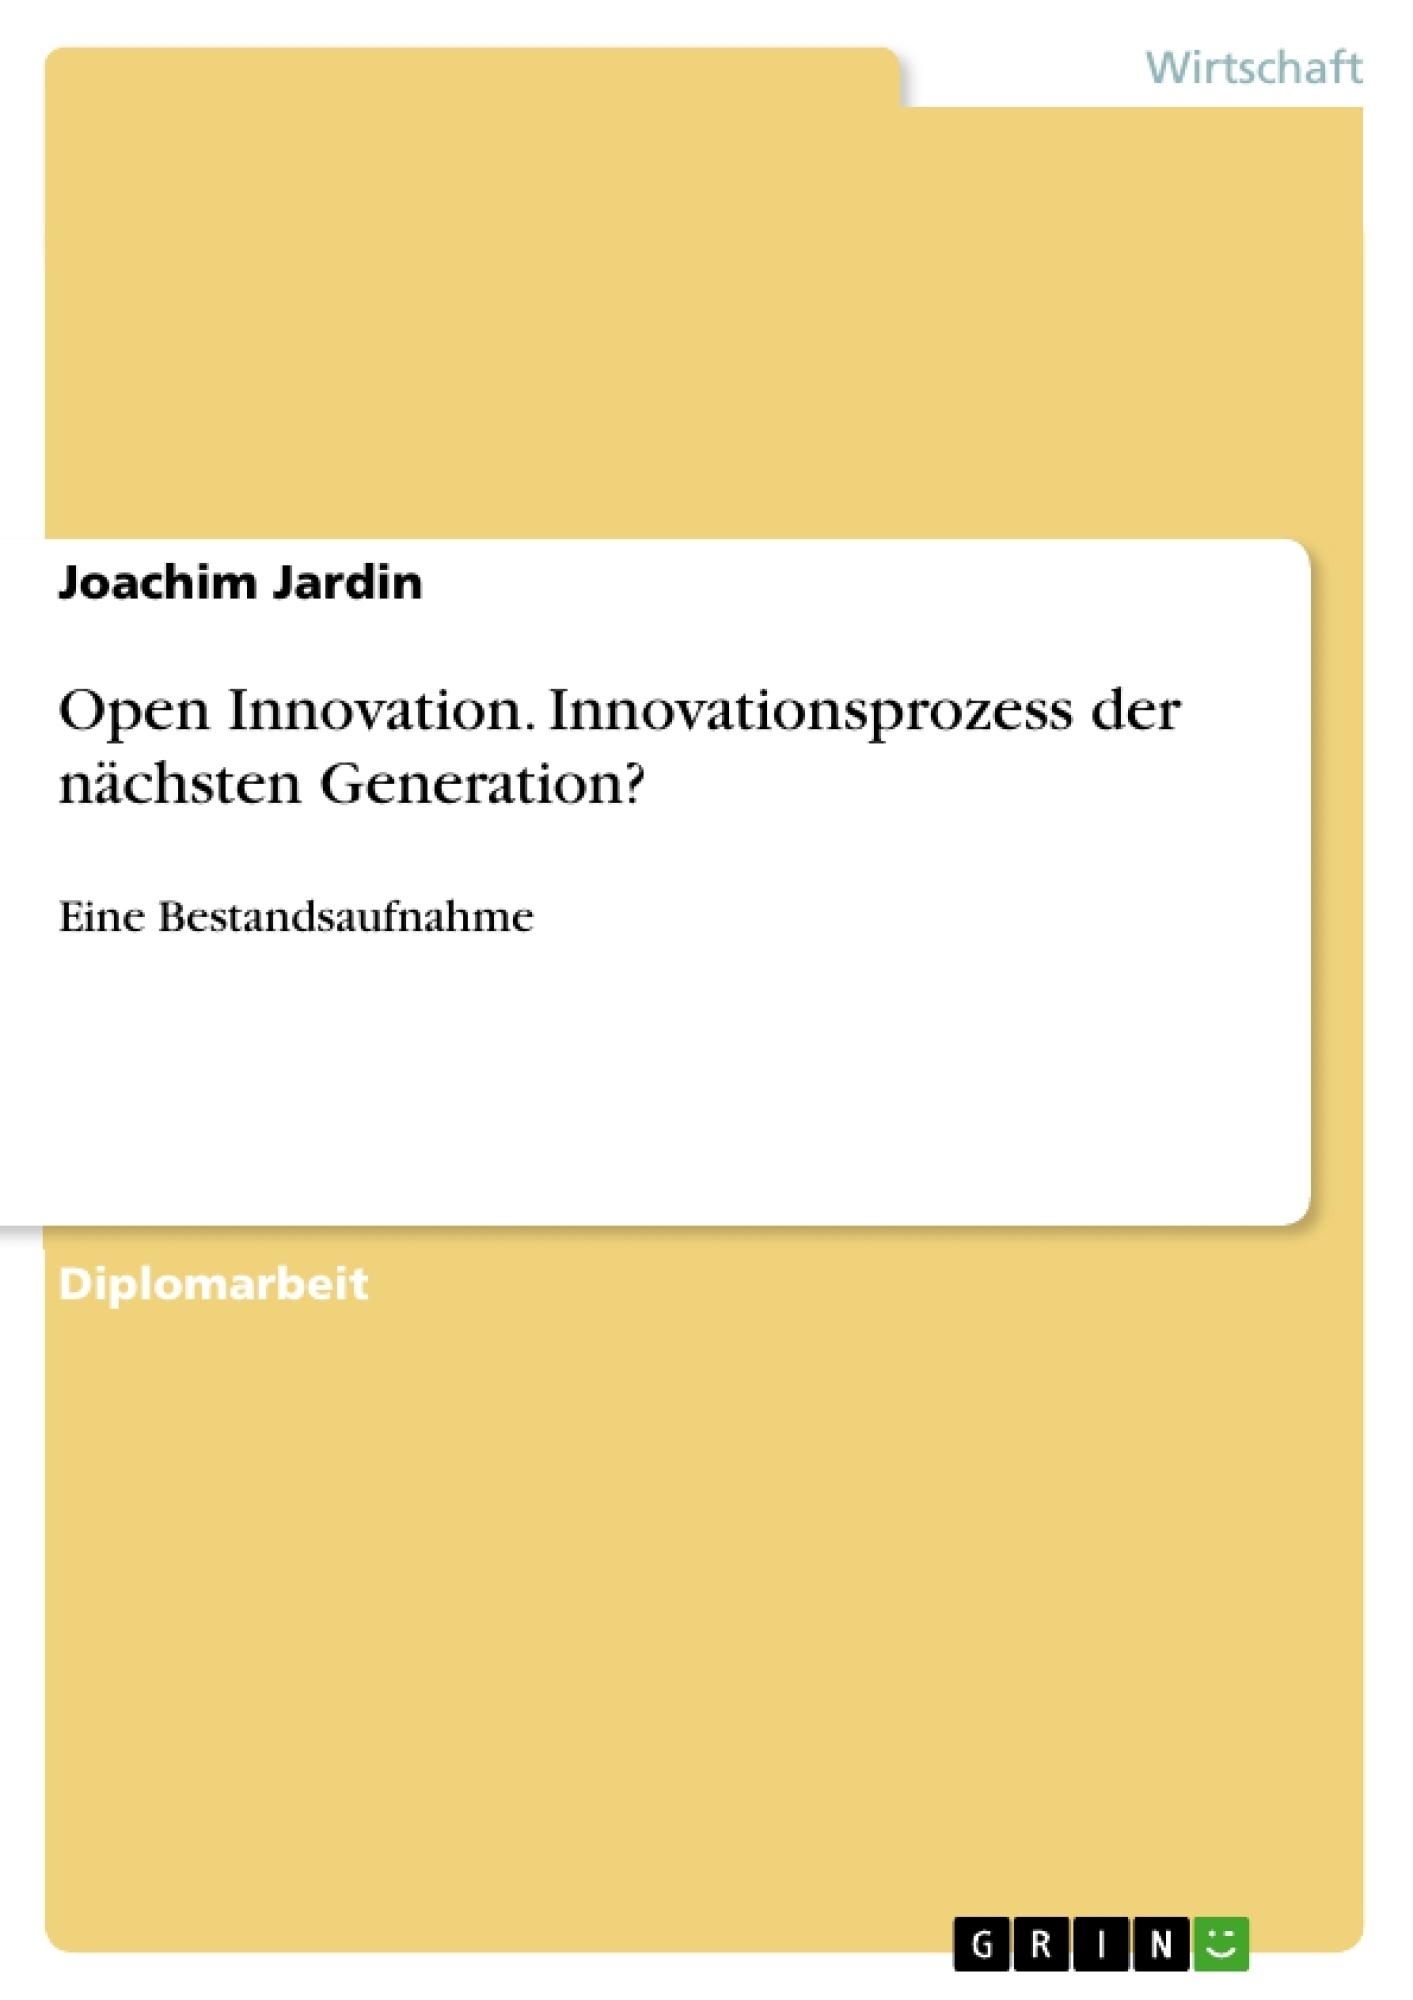 Titel: Open Innovation. Innovationsprozess der nächsten Generation?